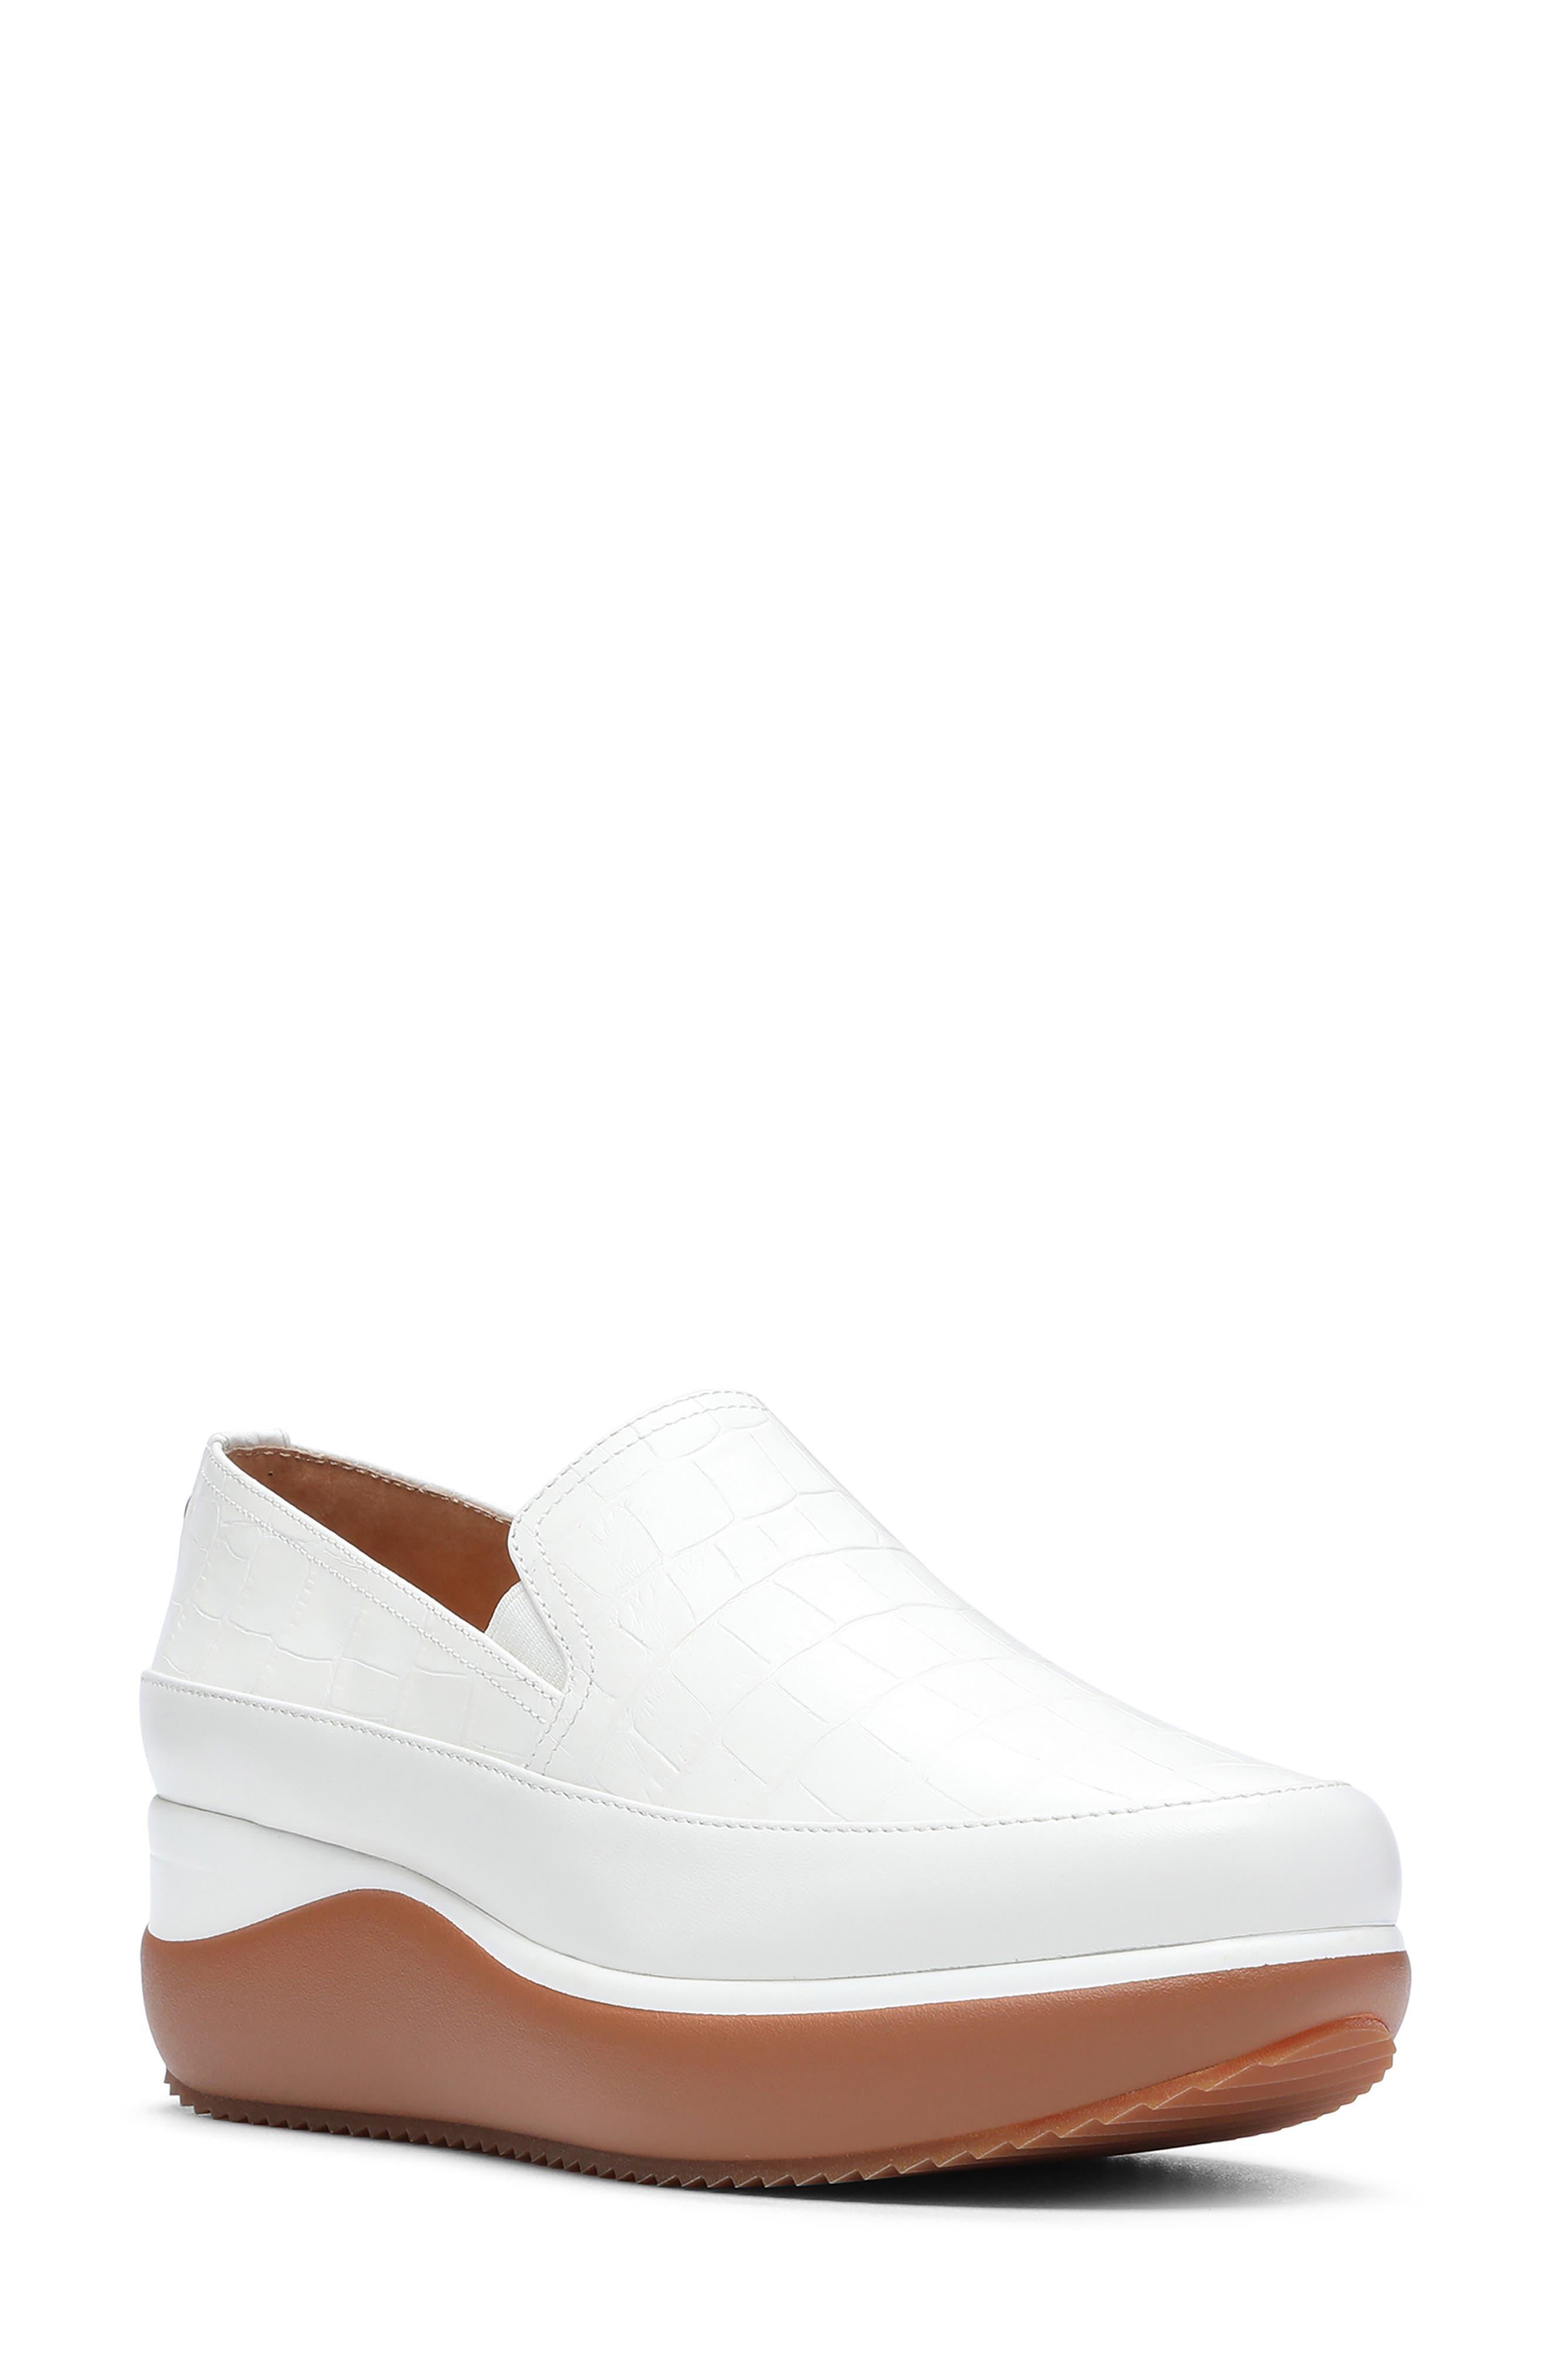 Lizzie Wedge Slip-On Sneaker